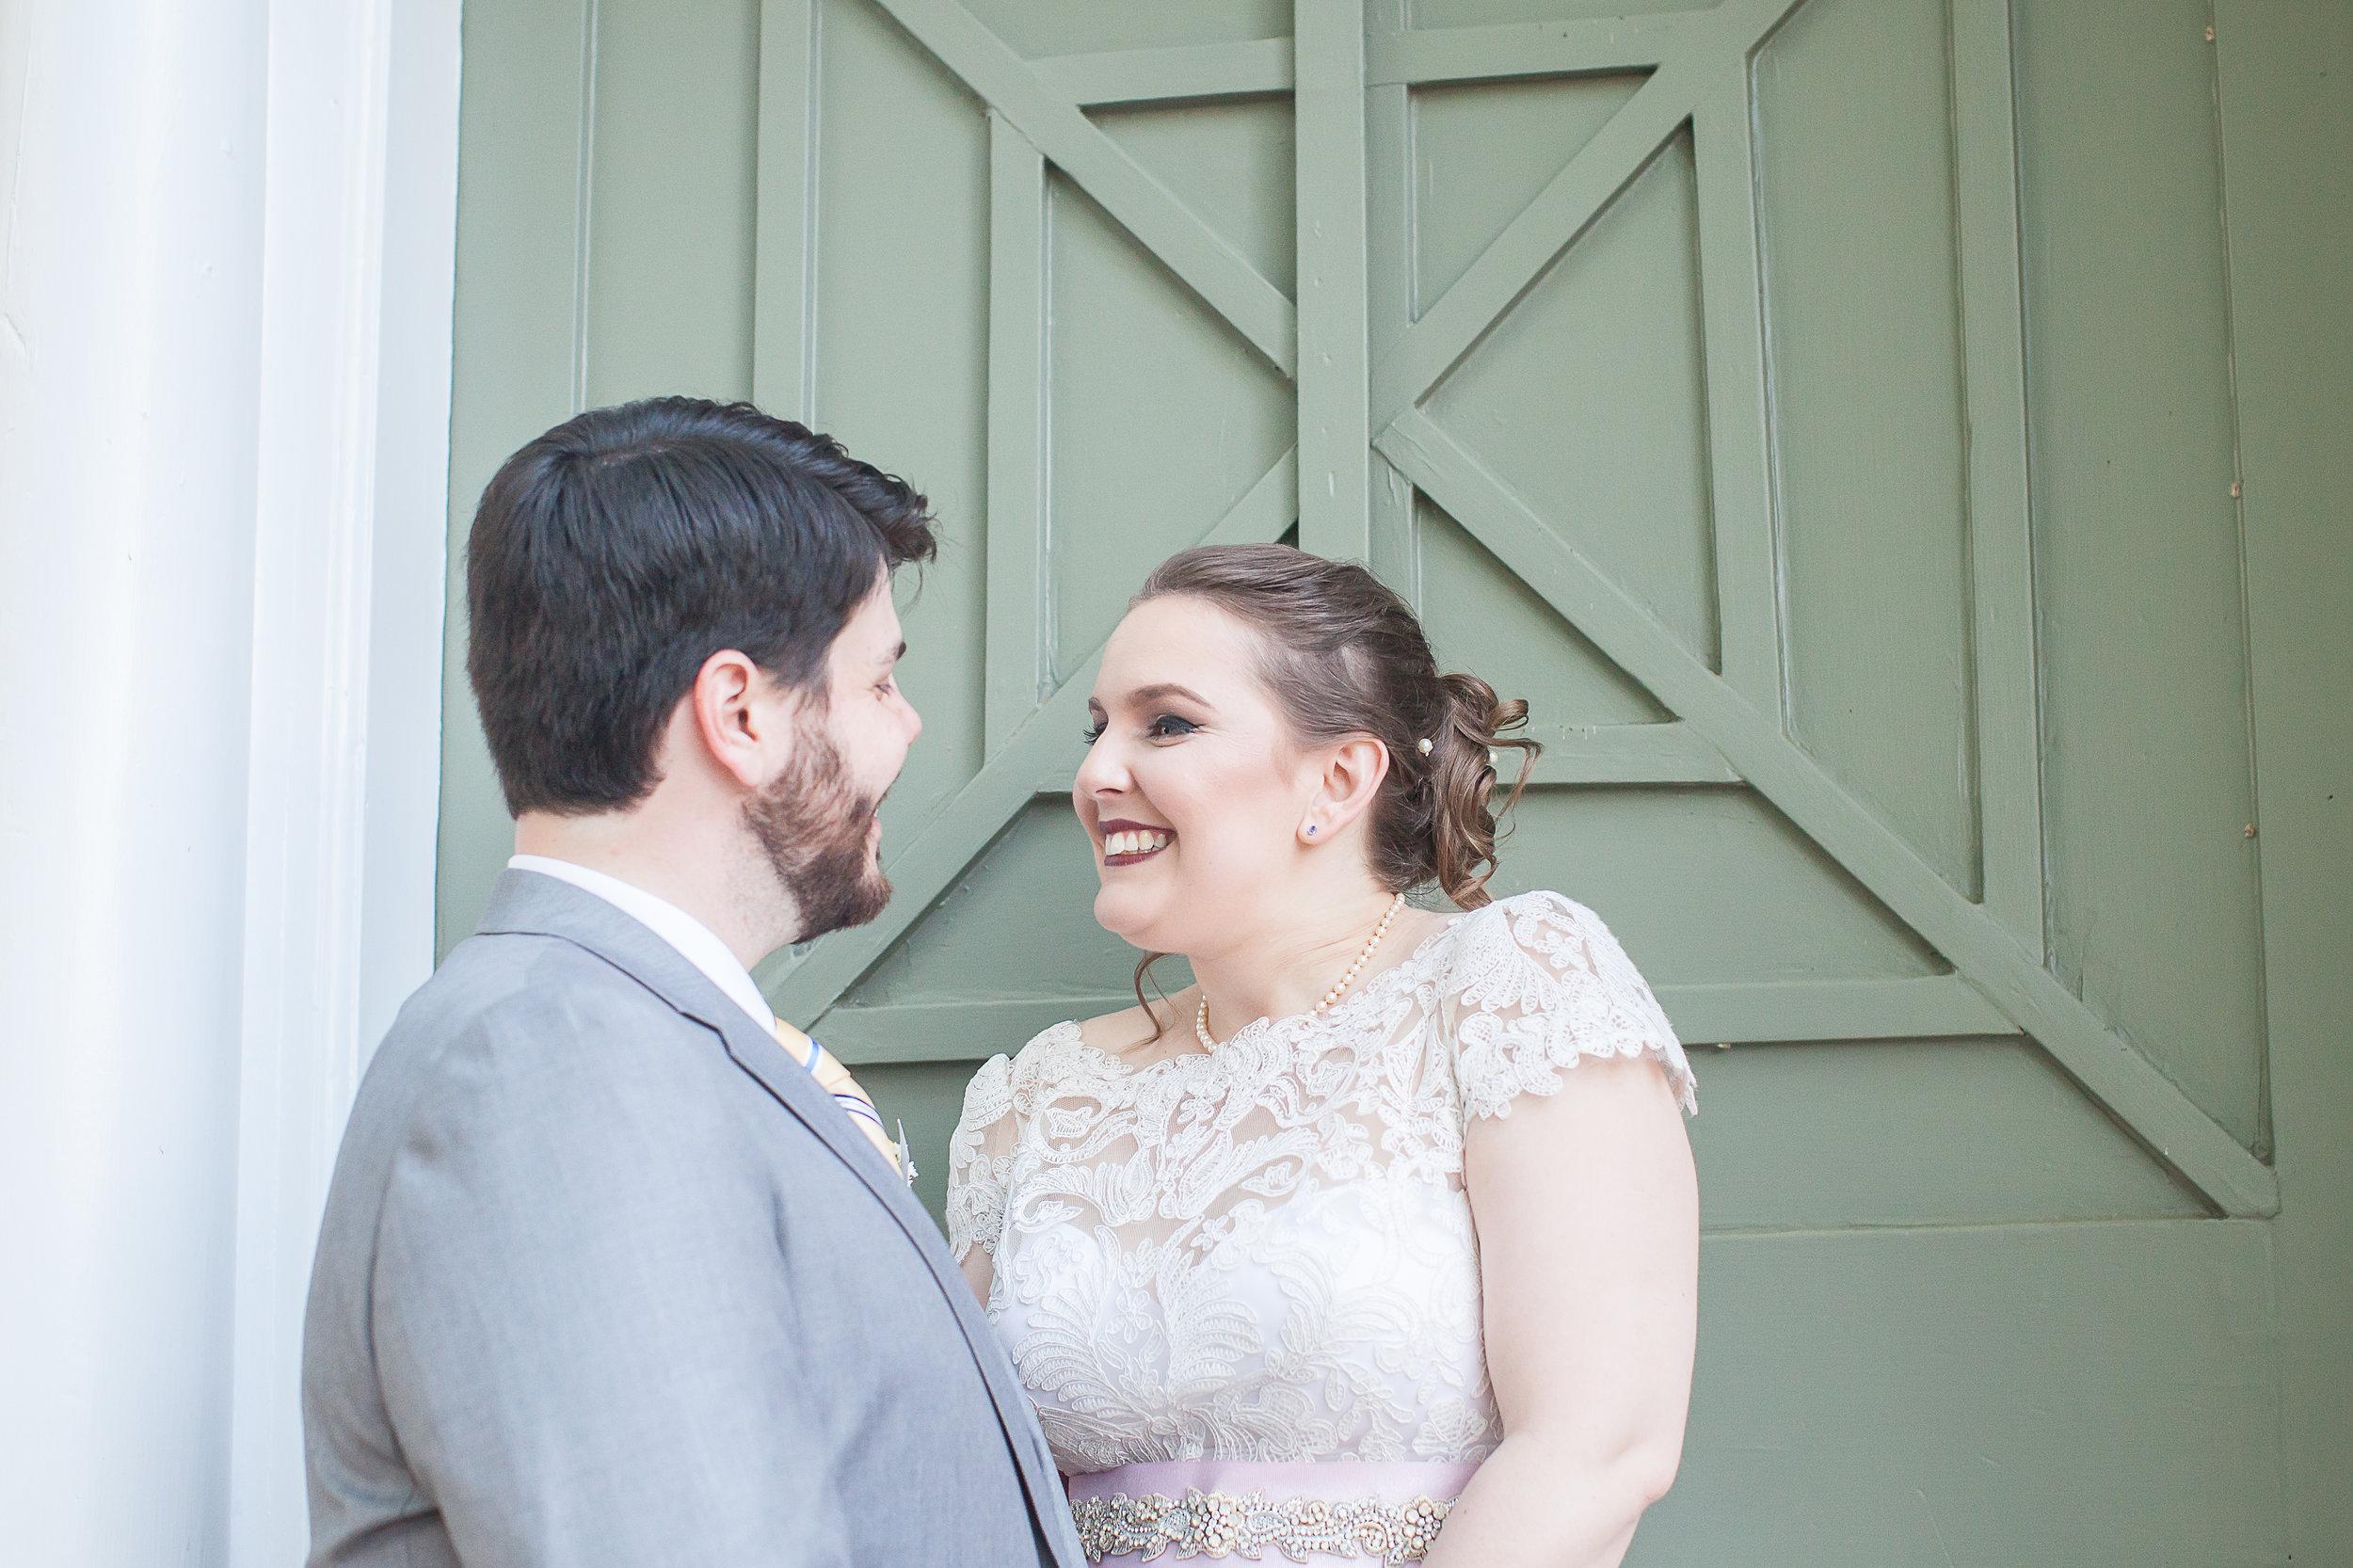 K-S-Wedding-Kim-Pham-Clark-Photography-323.jpg